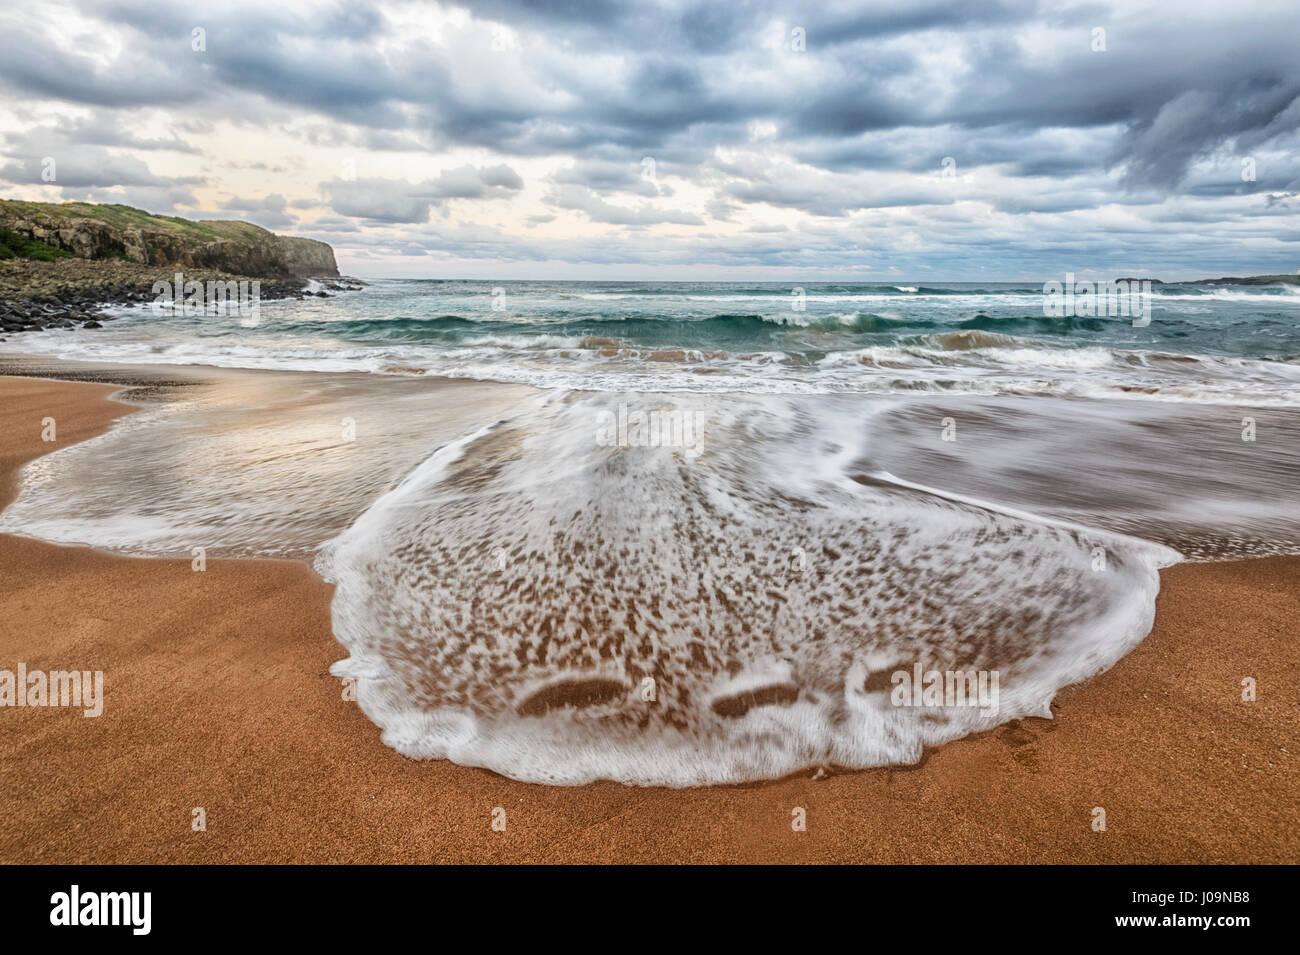 Vista espectacular de una inminente tormenta y patrones de onda en Bombo Playa, Kiama, Costa Illawarra, Nueva Gales Imagen De Stock